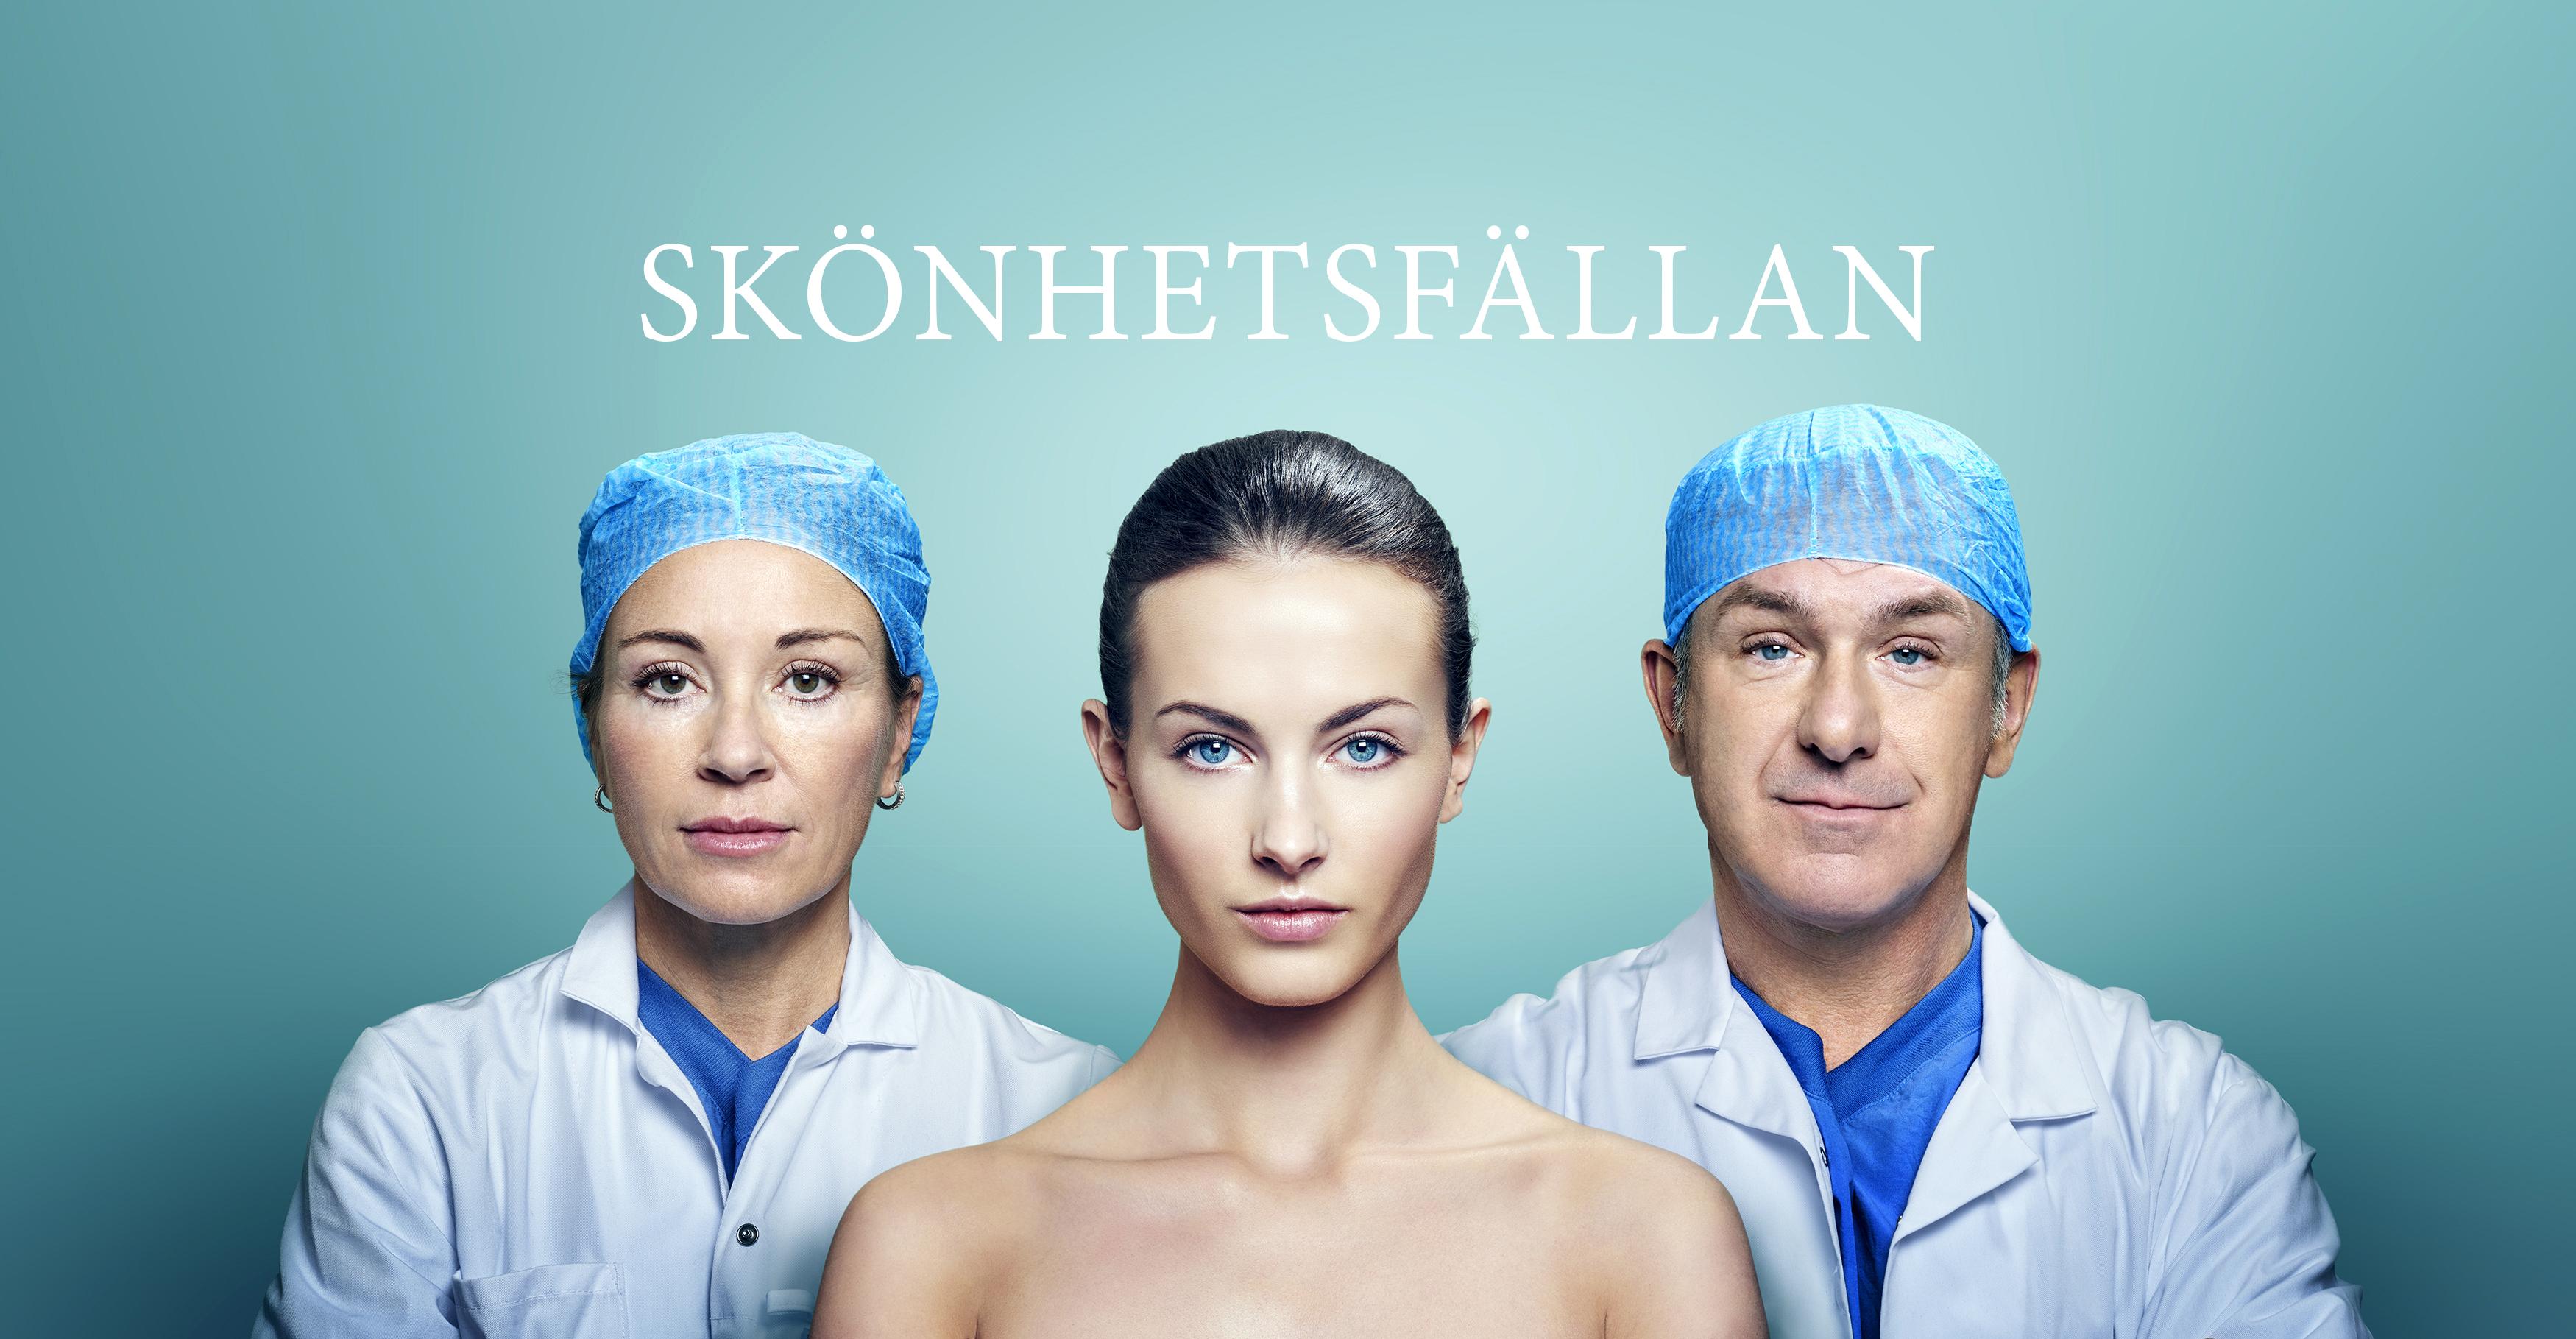 """Skönhetsfällan Sverige - <p>  <span style=""""background-color: initial;"""">I </span><em style=""""background-color: initial;"""">Skönhetsfällan</em><span style=""""background-color: initial;""""> </span><em style=""""background-color: initial;"""">Sverige</em><span style=""""background-color: initial;""""> möter vi människor som genomgått misslyckade skönhetsoperatione</span><wbr style=""""line-height: 1.5em; background-color: initial;""""><span style=""""background-color: initial;"""">r som lämnat ärr på både kropp och själ…</span> </p>"""